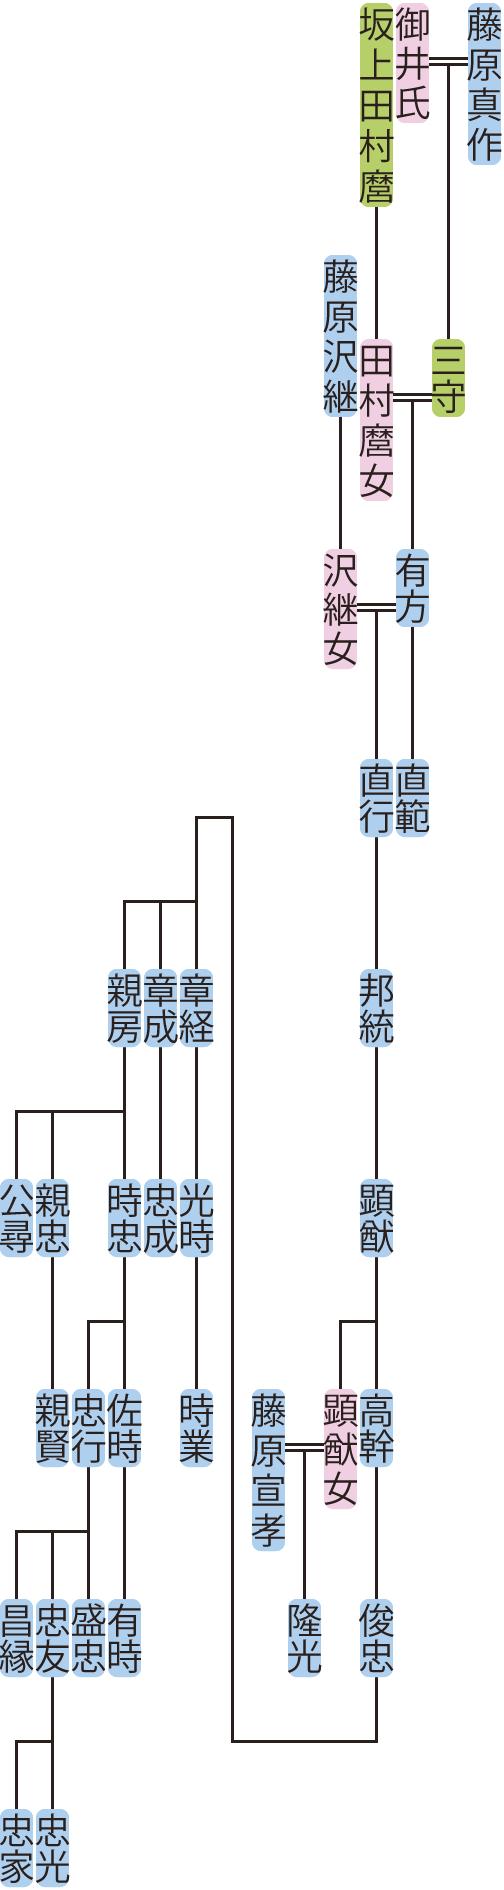 藤原有方の系図